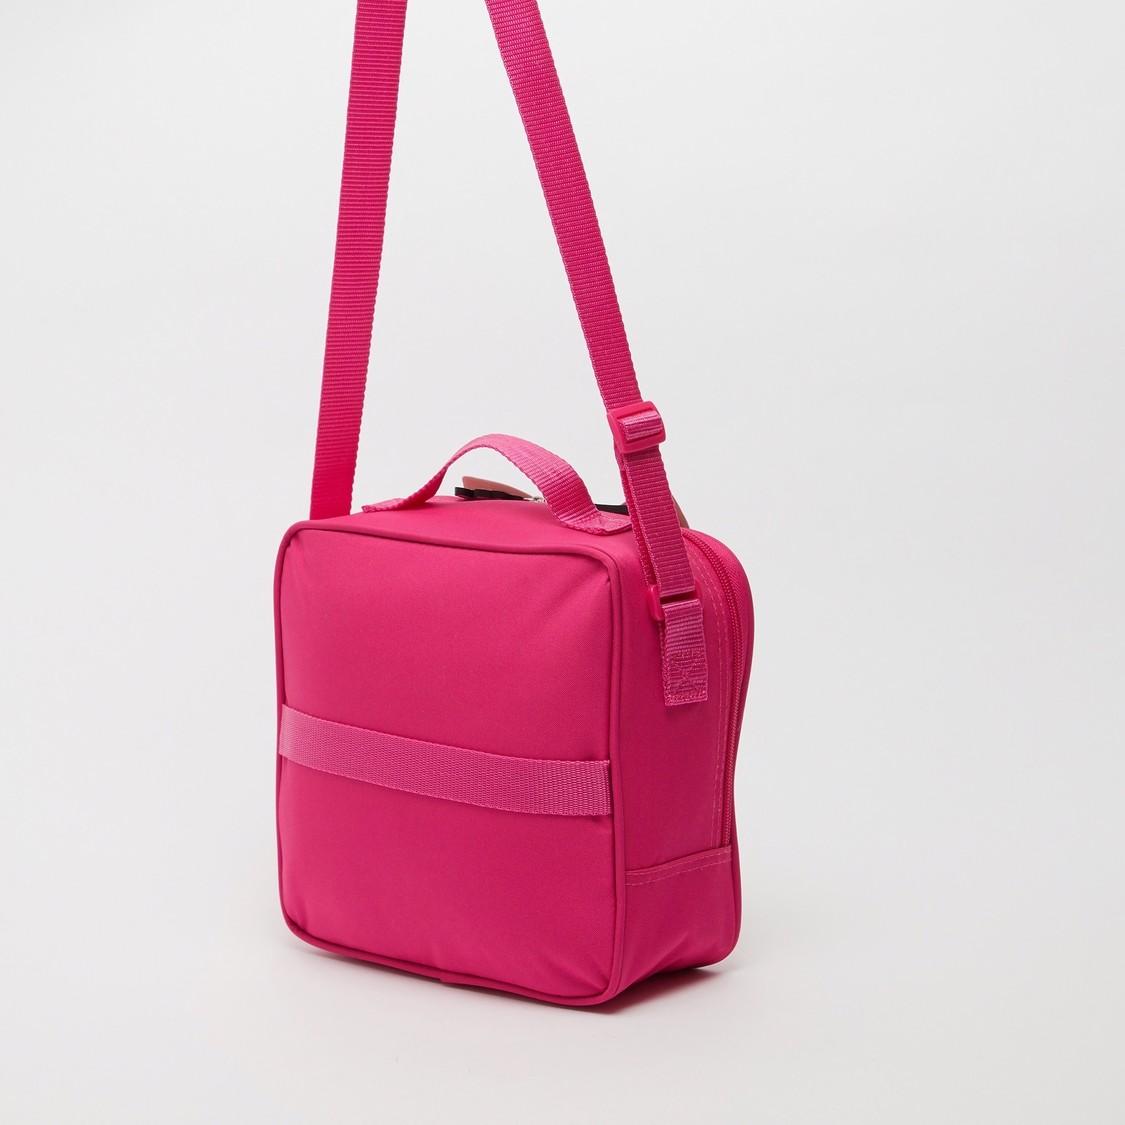 L.O.L. Surprise! Embellished Lunch Bag with Adjustable Strap